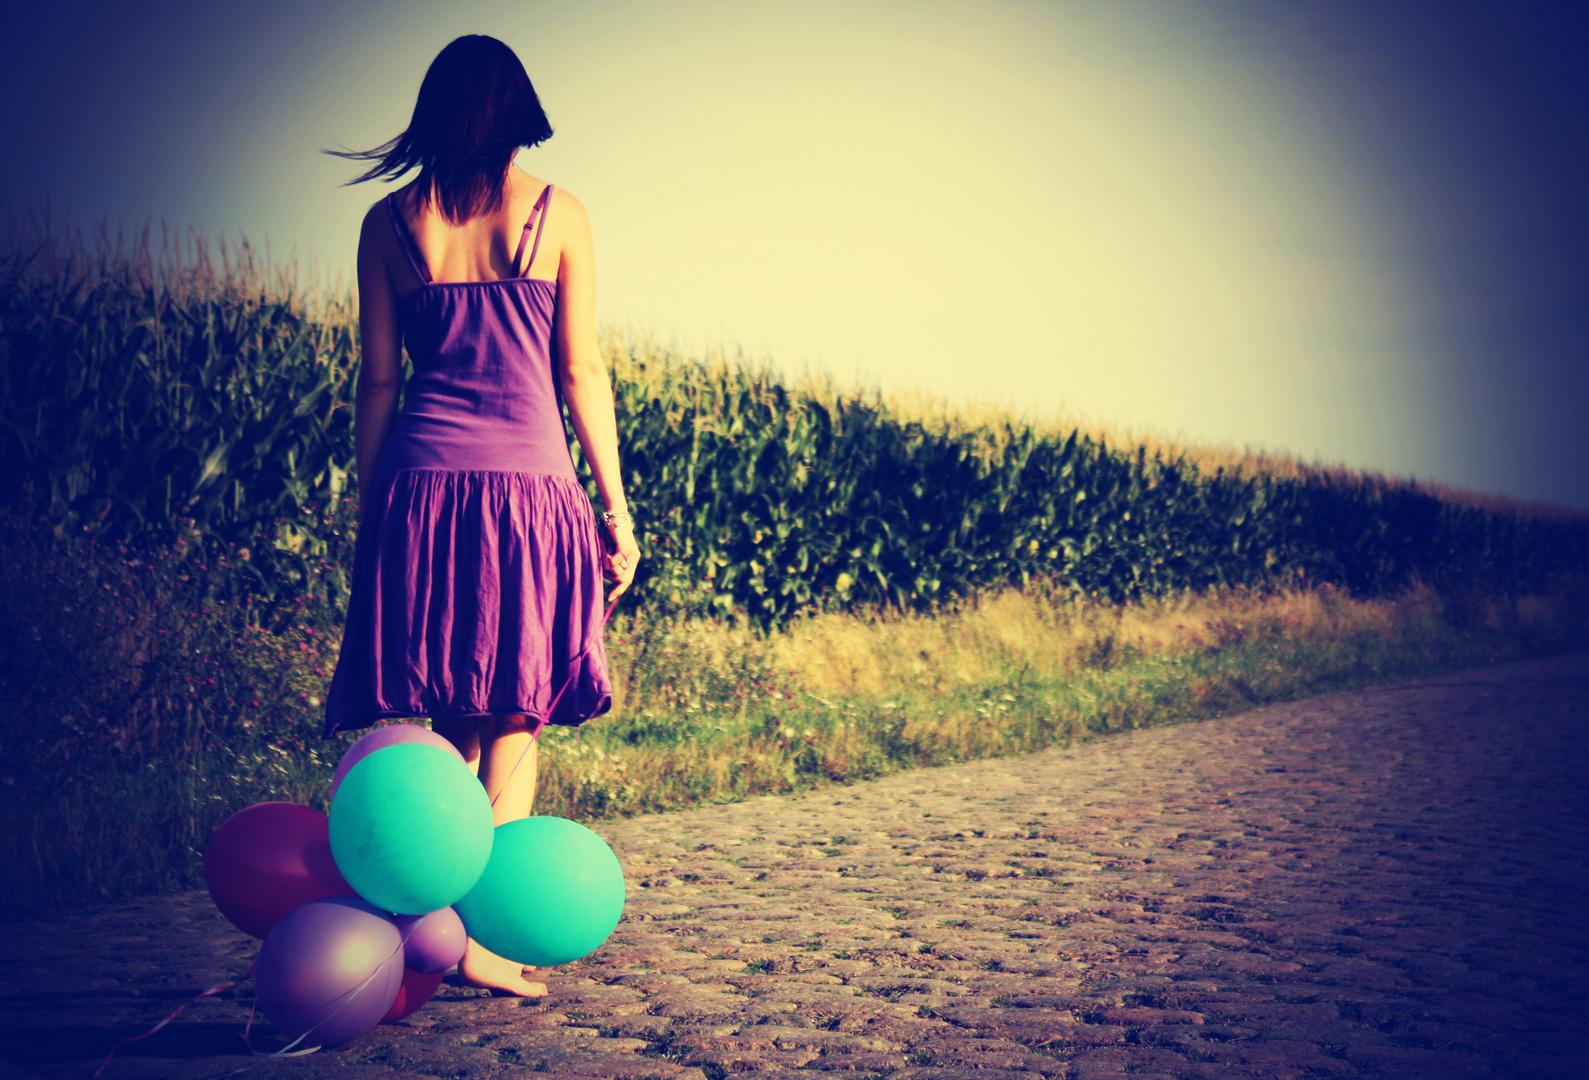 ...luftballon (5)...